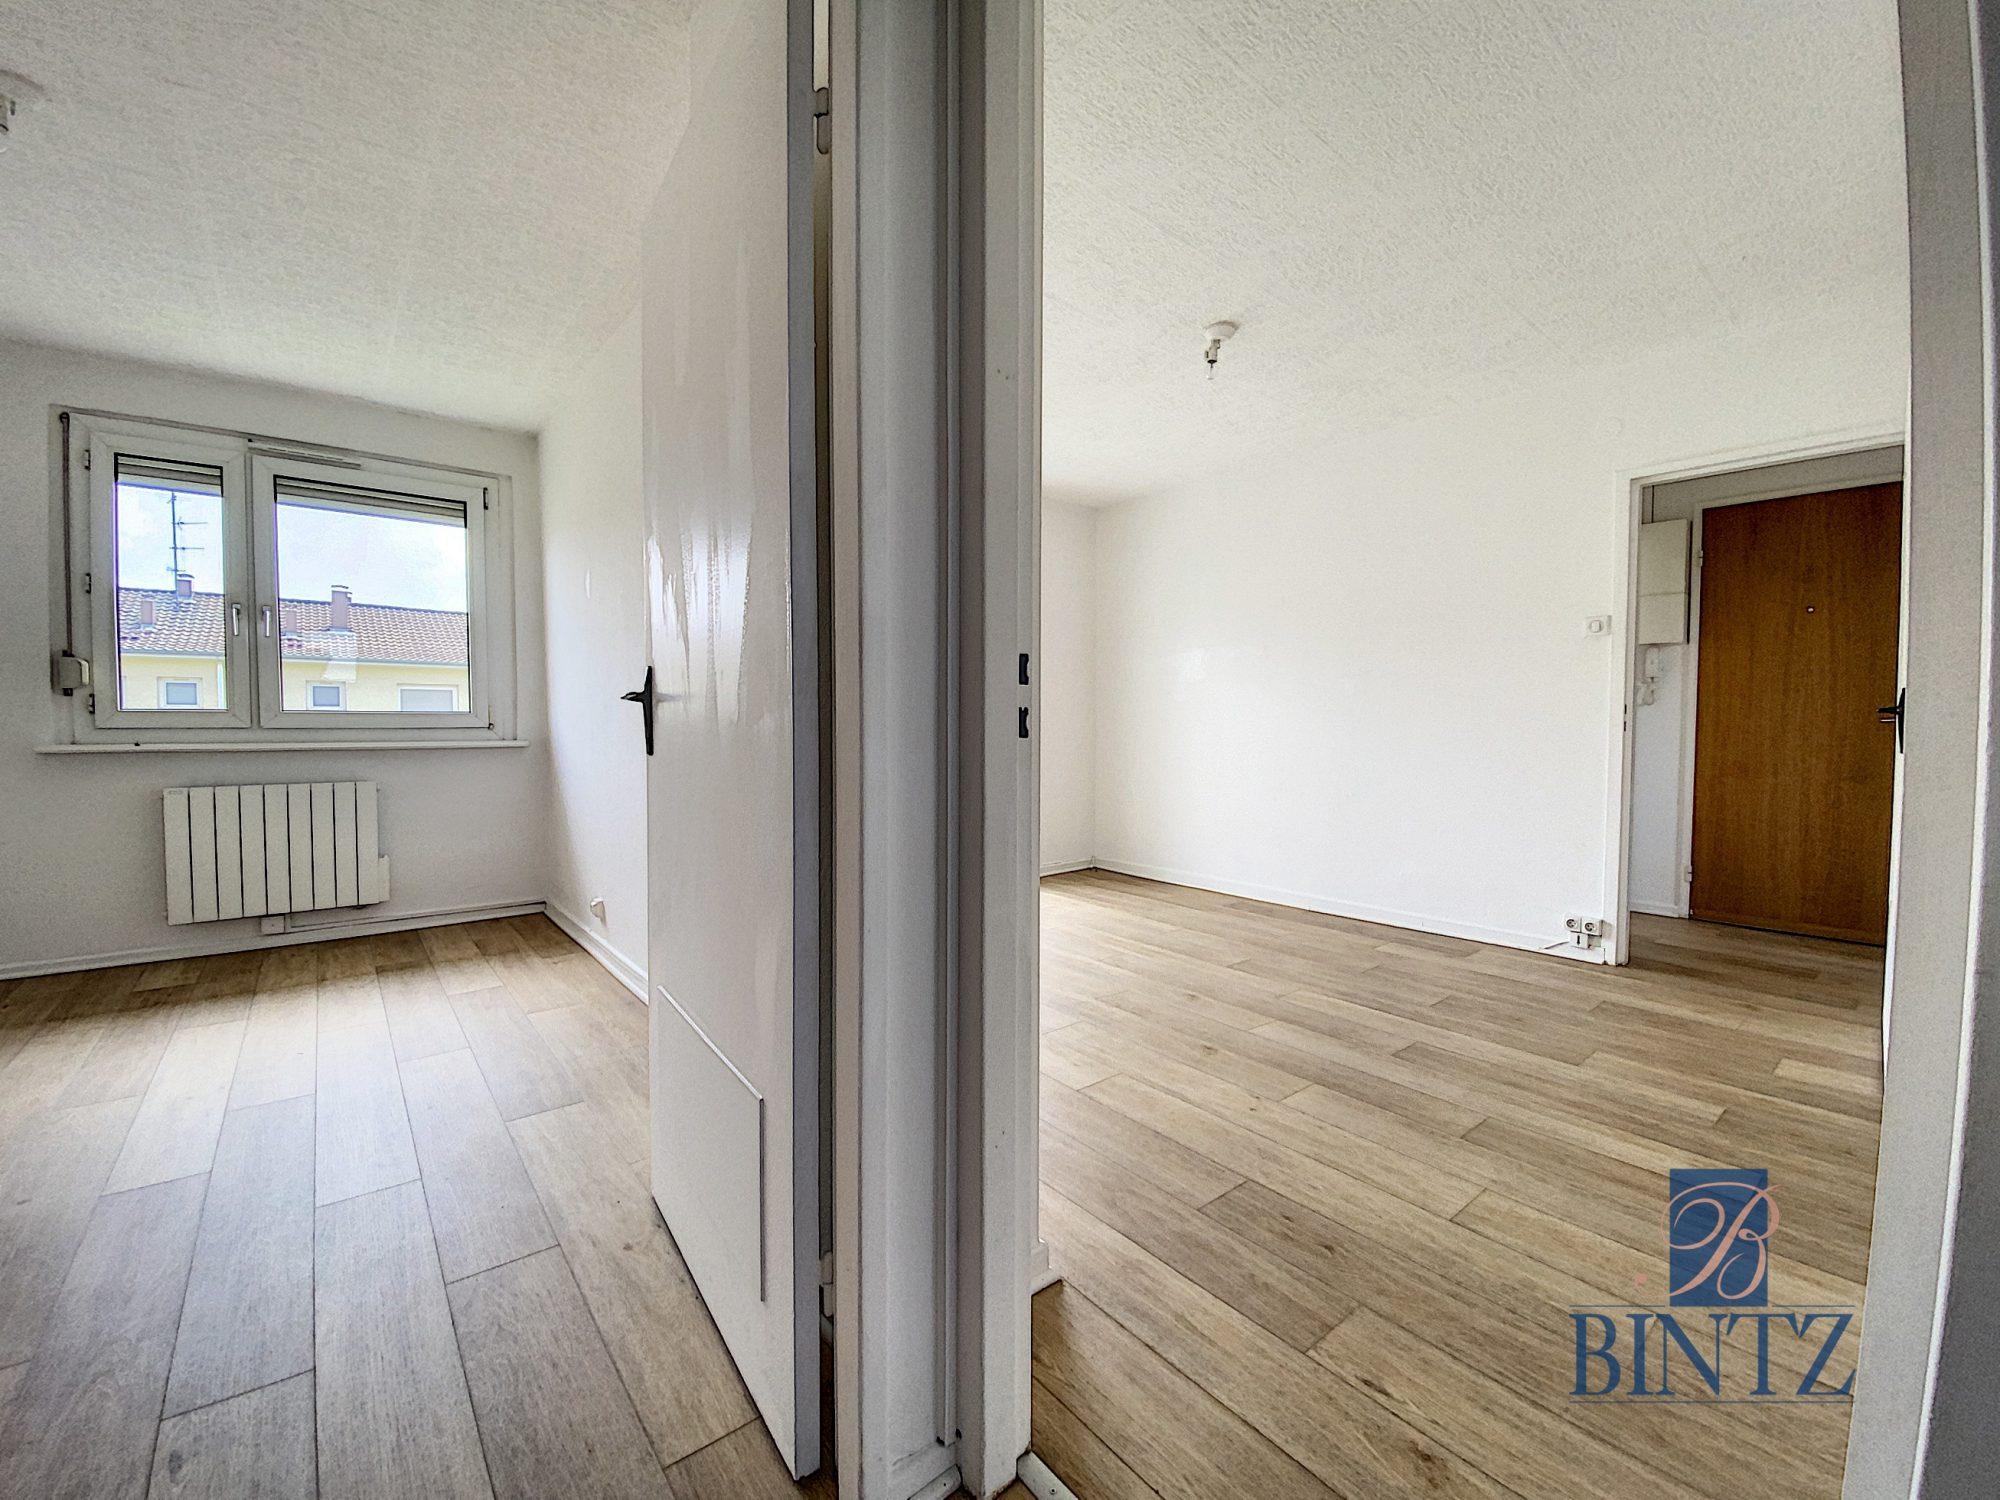 T3 avec balcon Quartier de la Musau - Devenez propriétaire en toute confiance - Bintz Immobilier - 4